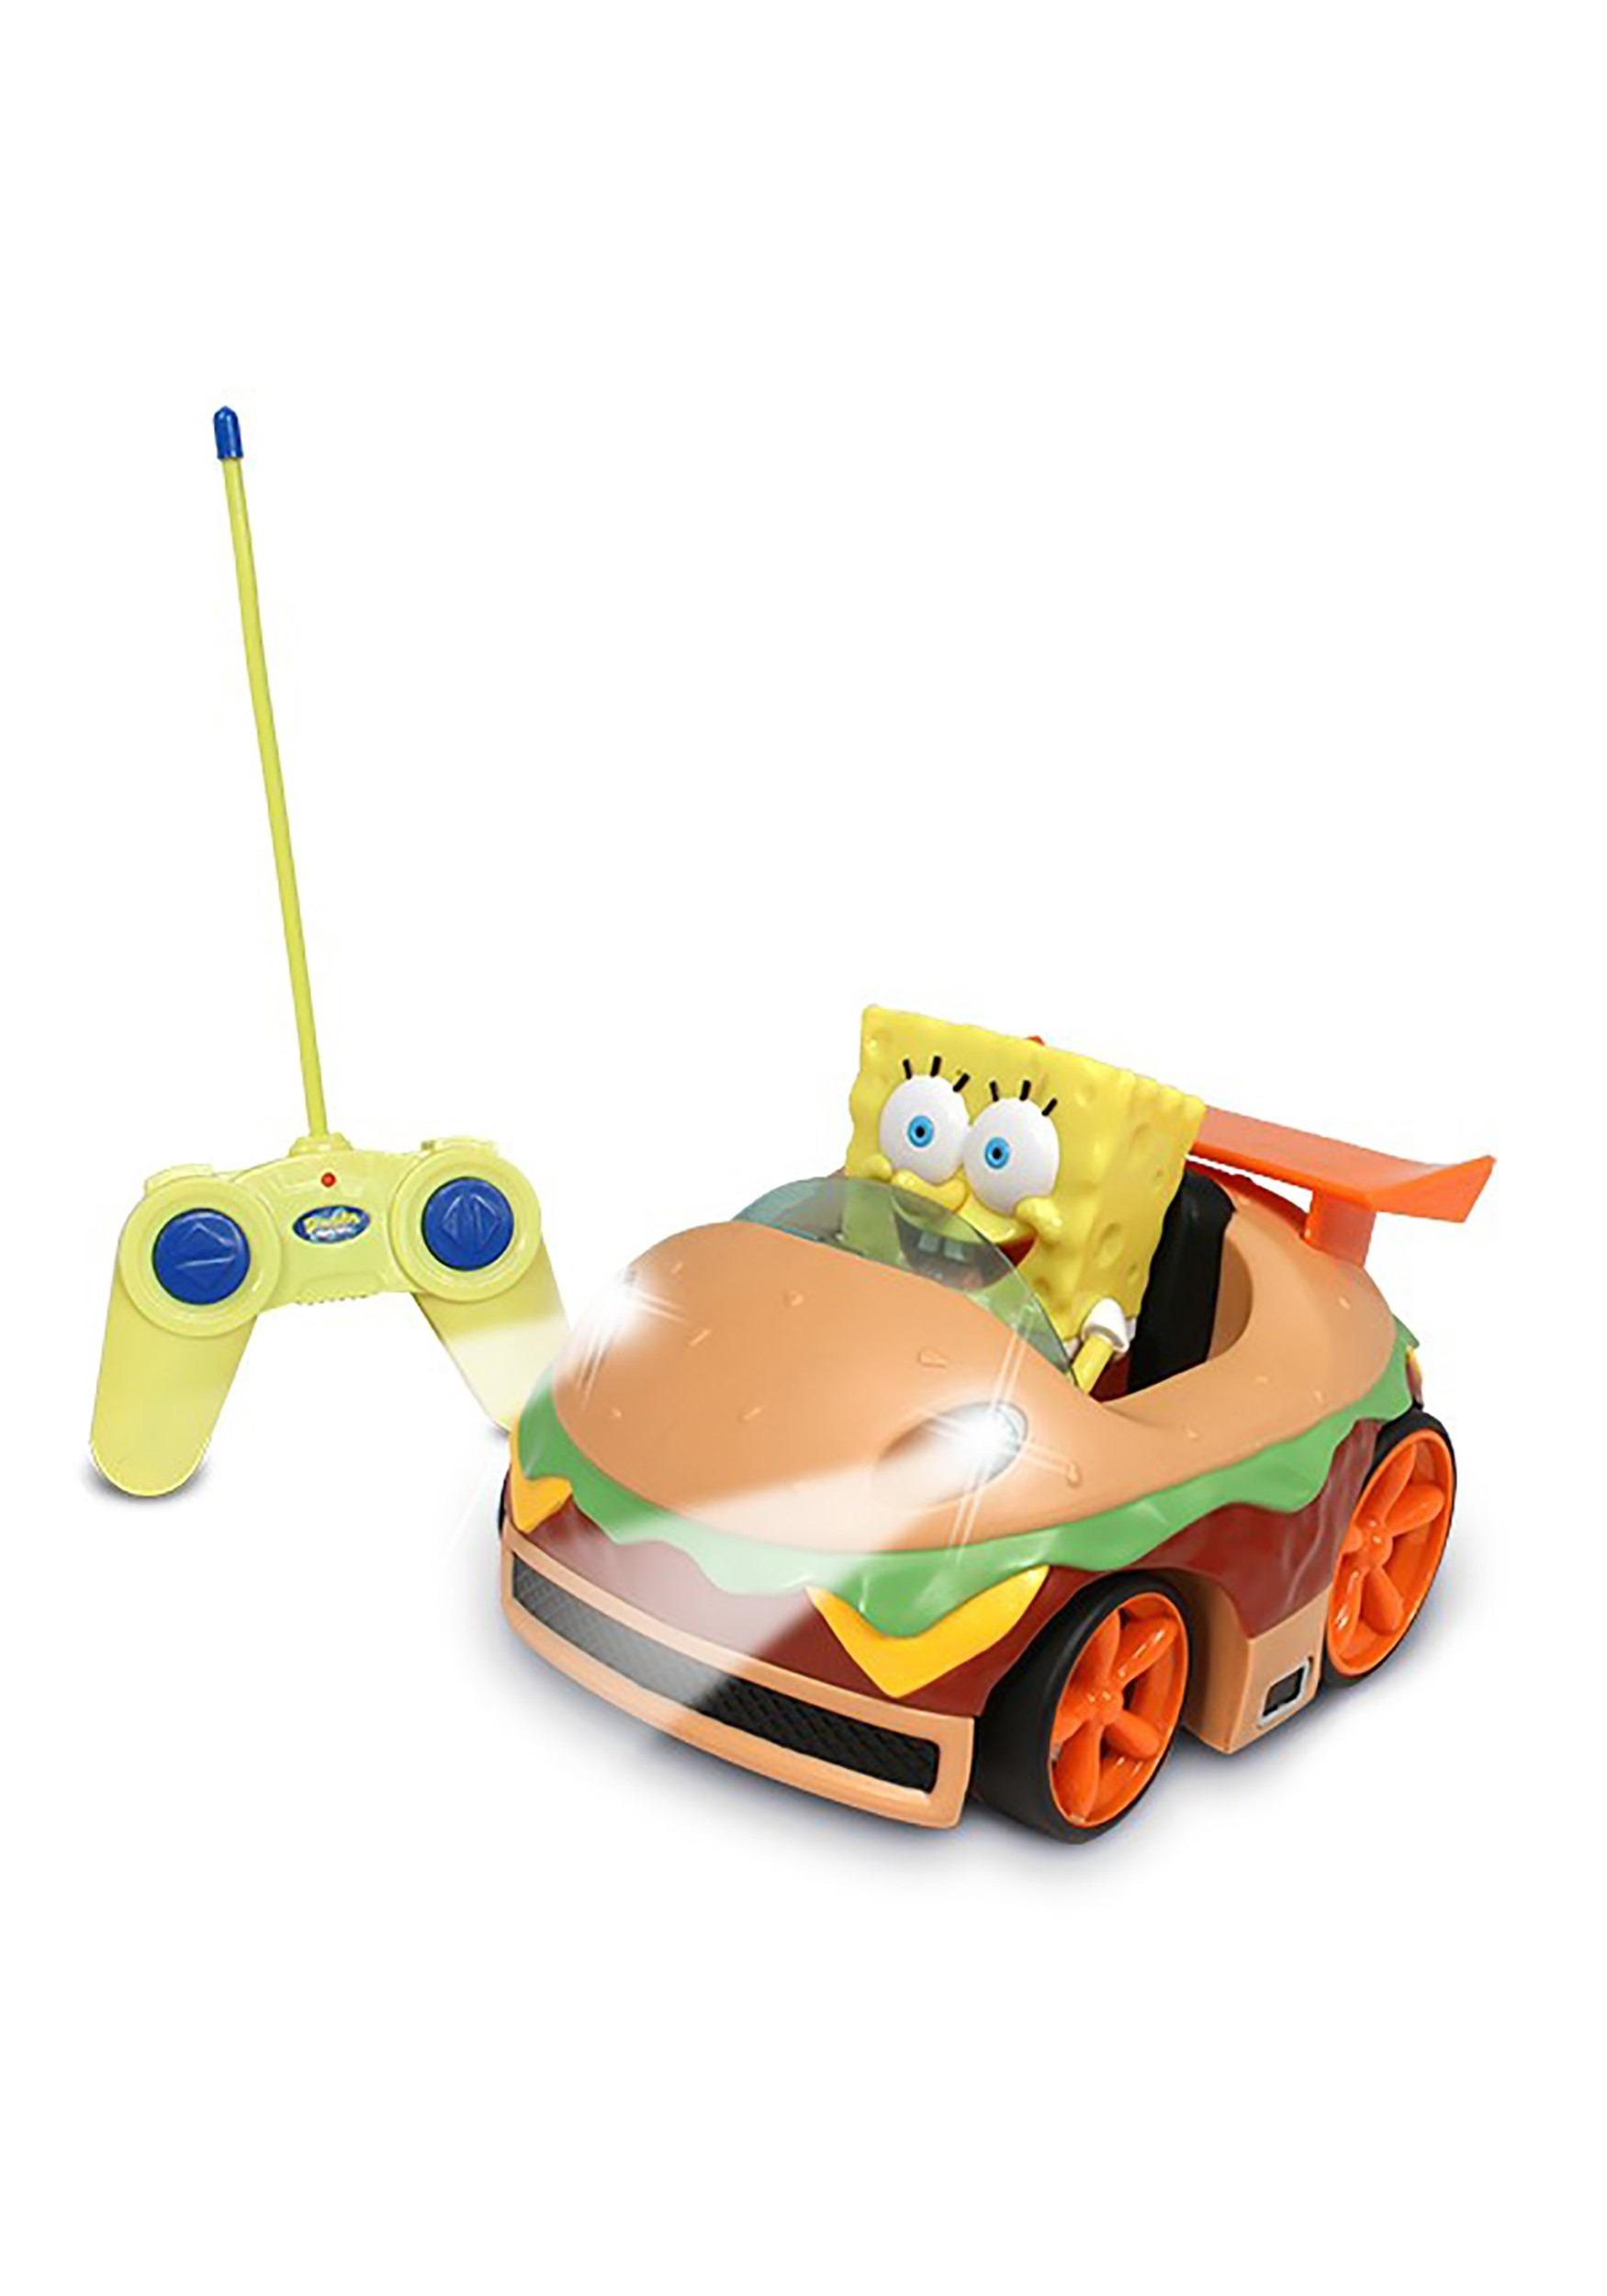 Krabby Patty R/C Car w/ SpongeBob Figure